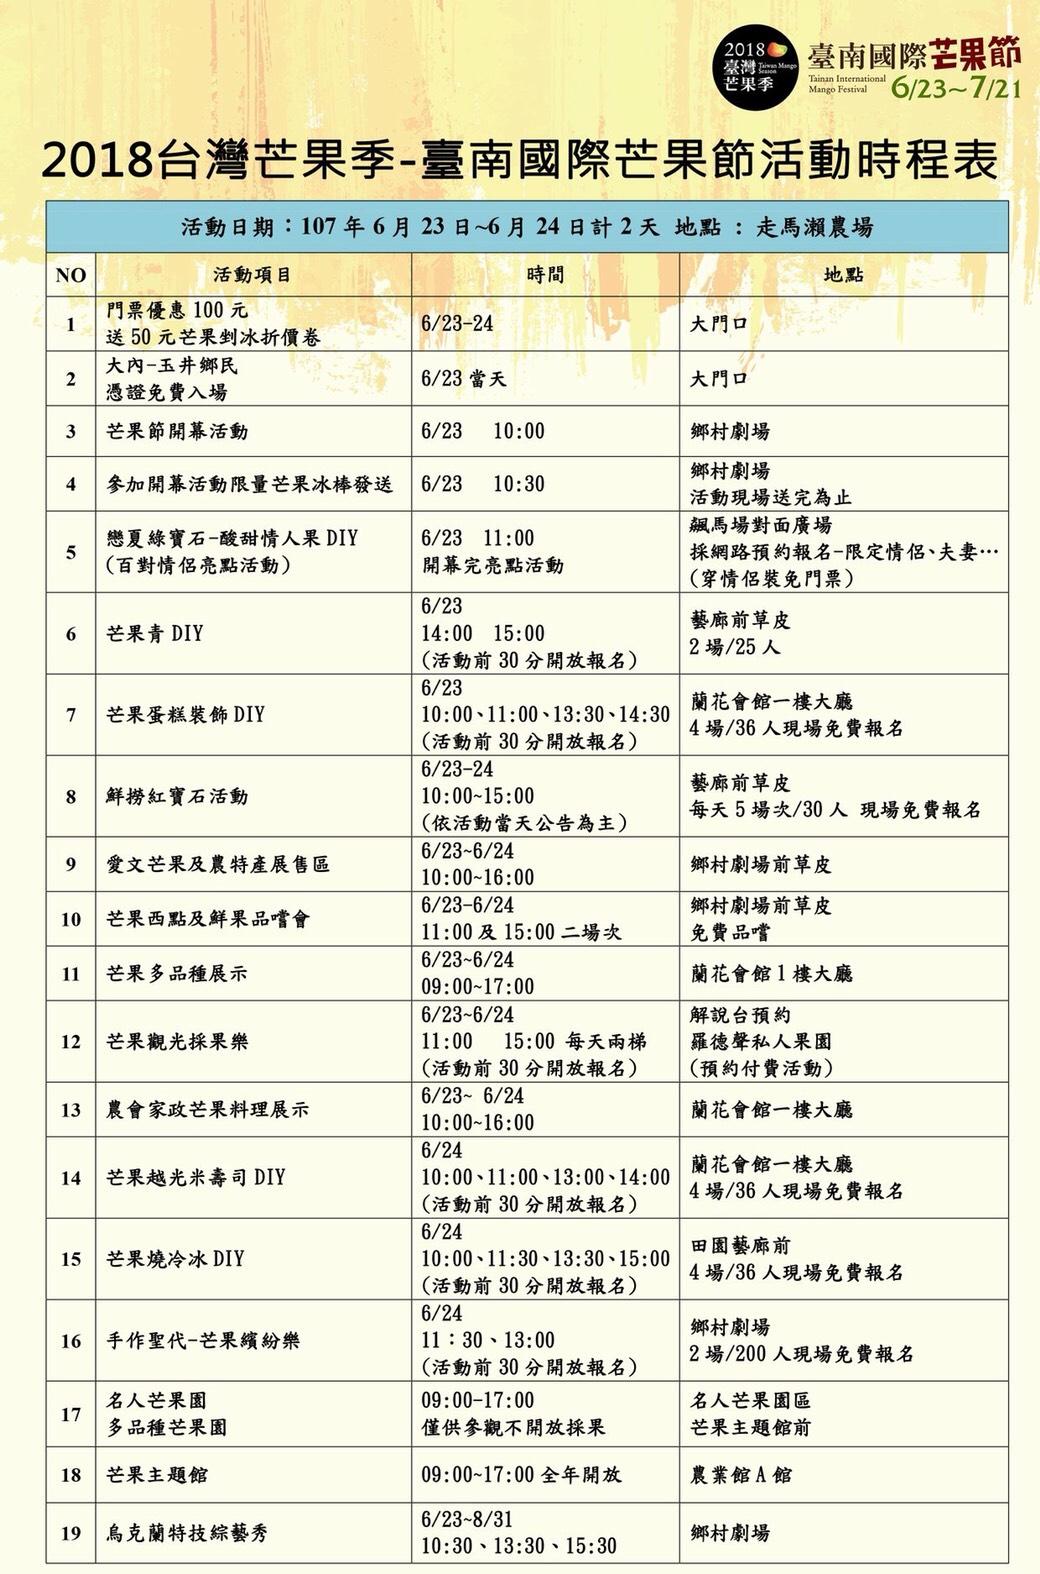 2018臺南國際芒果節-時程表.jpg